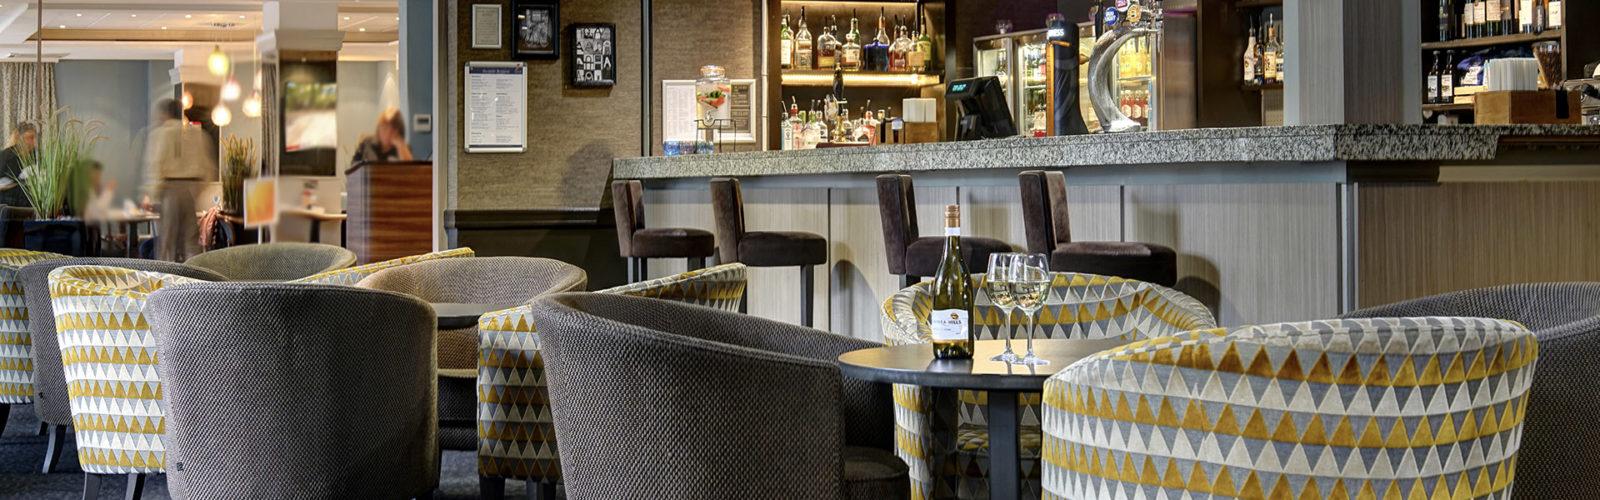 Best Western Manchester Cresta Court Hotel Vine Hotel Management